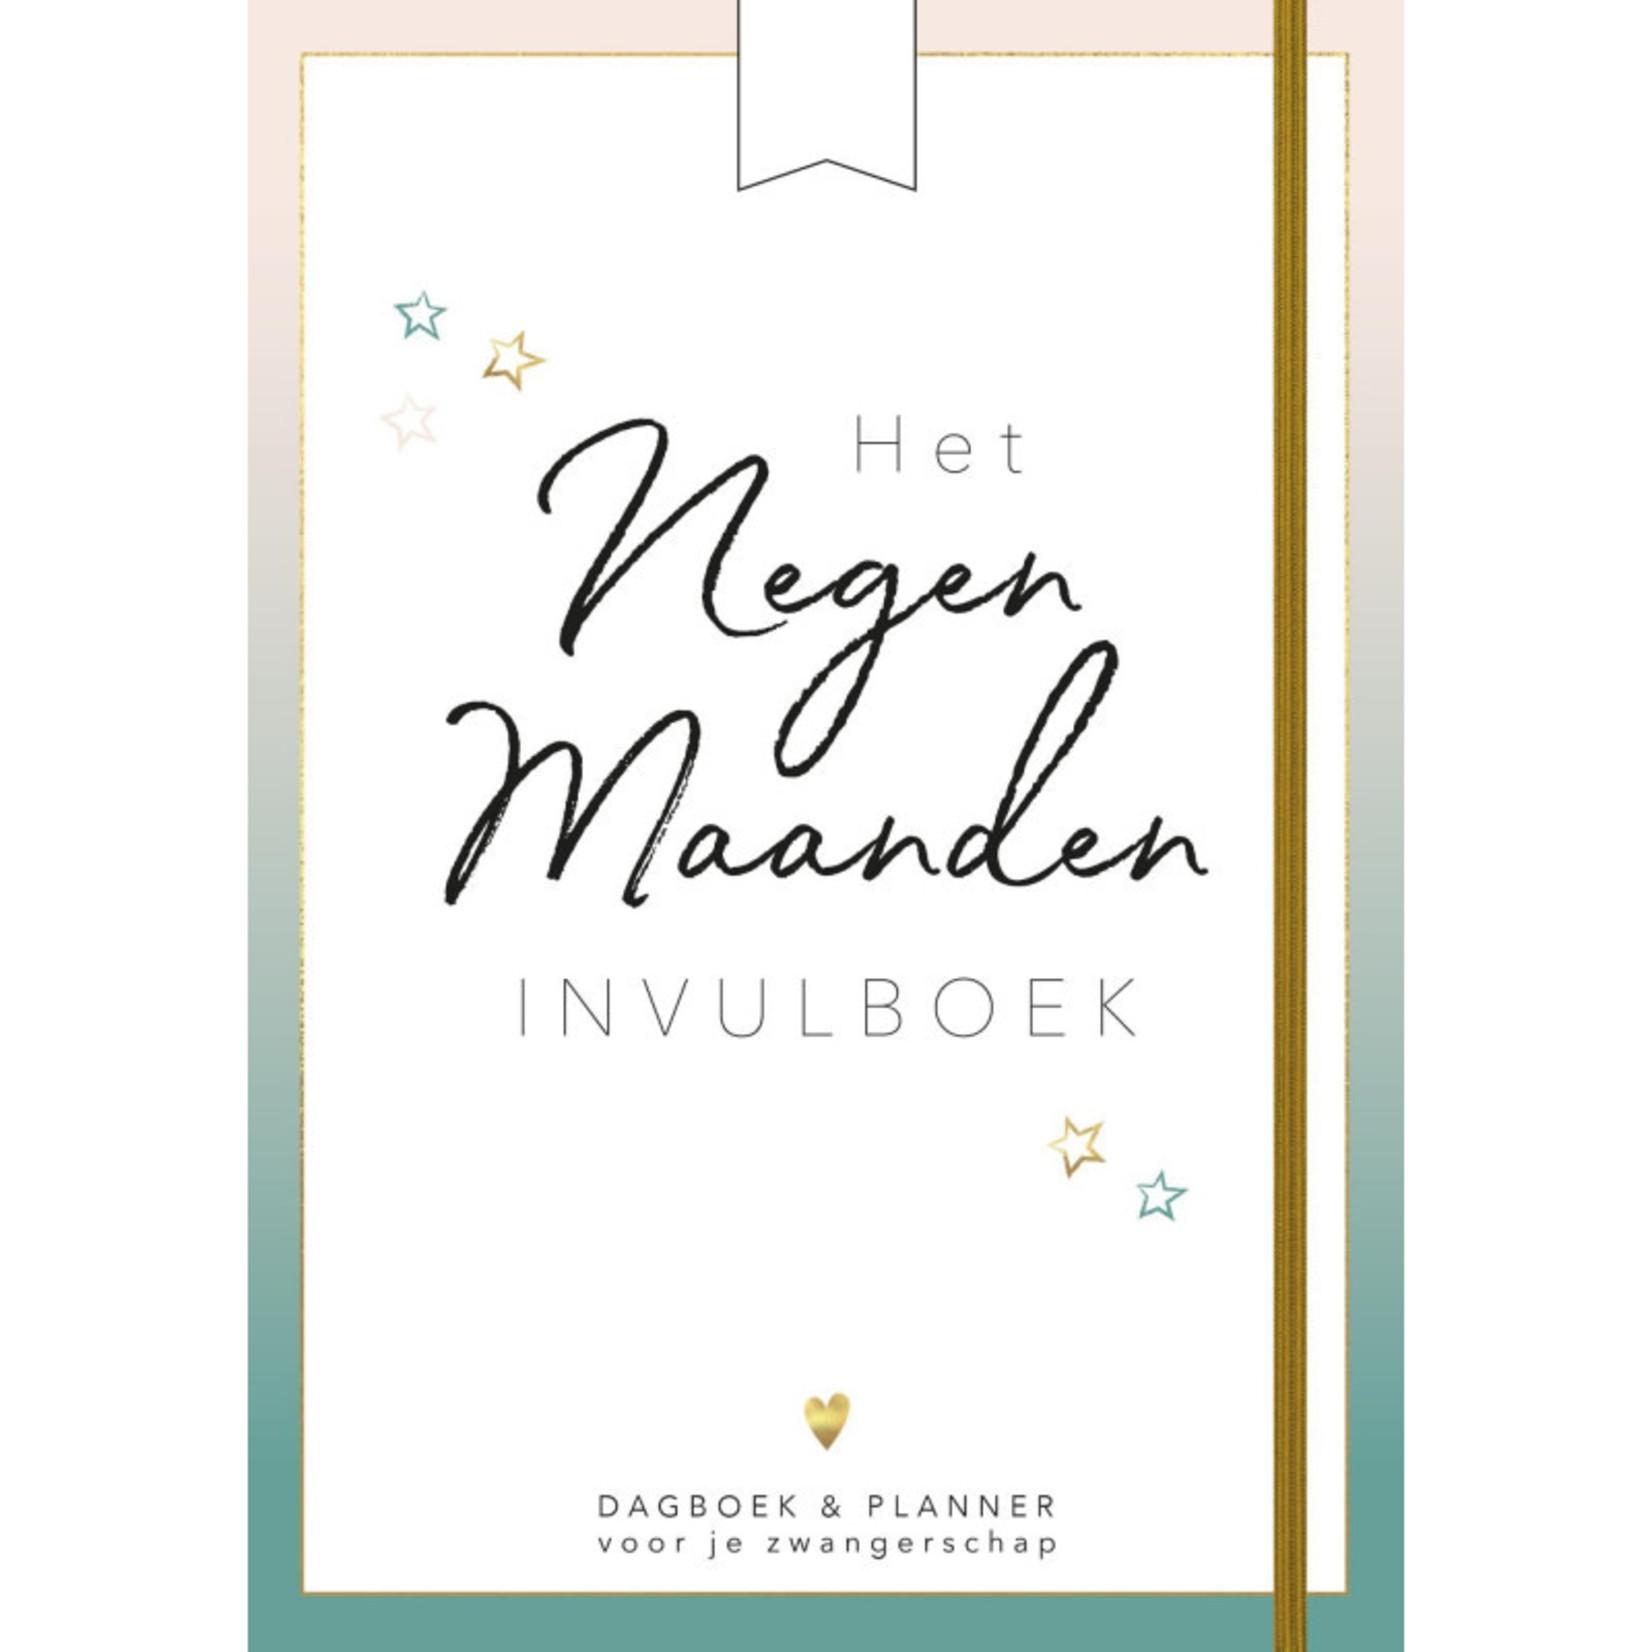 Uitgeverij Snor Het Negen Maanden invulboek